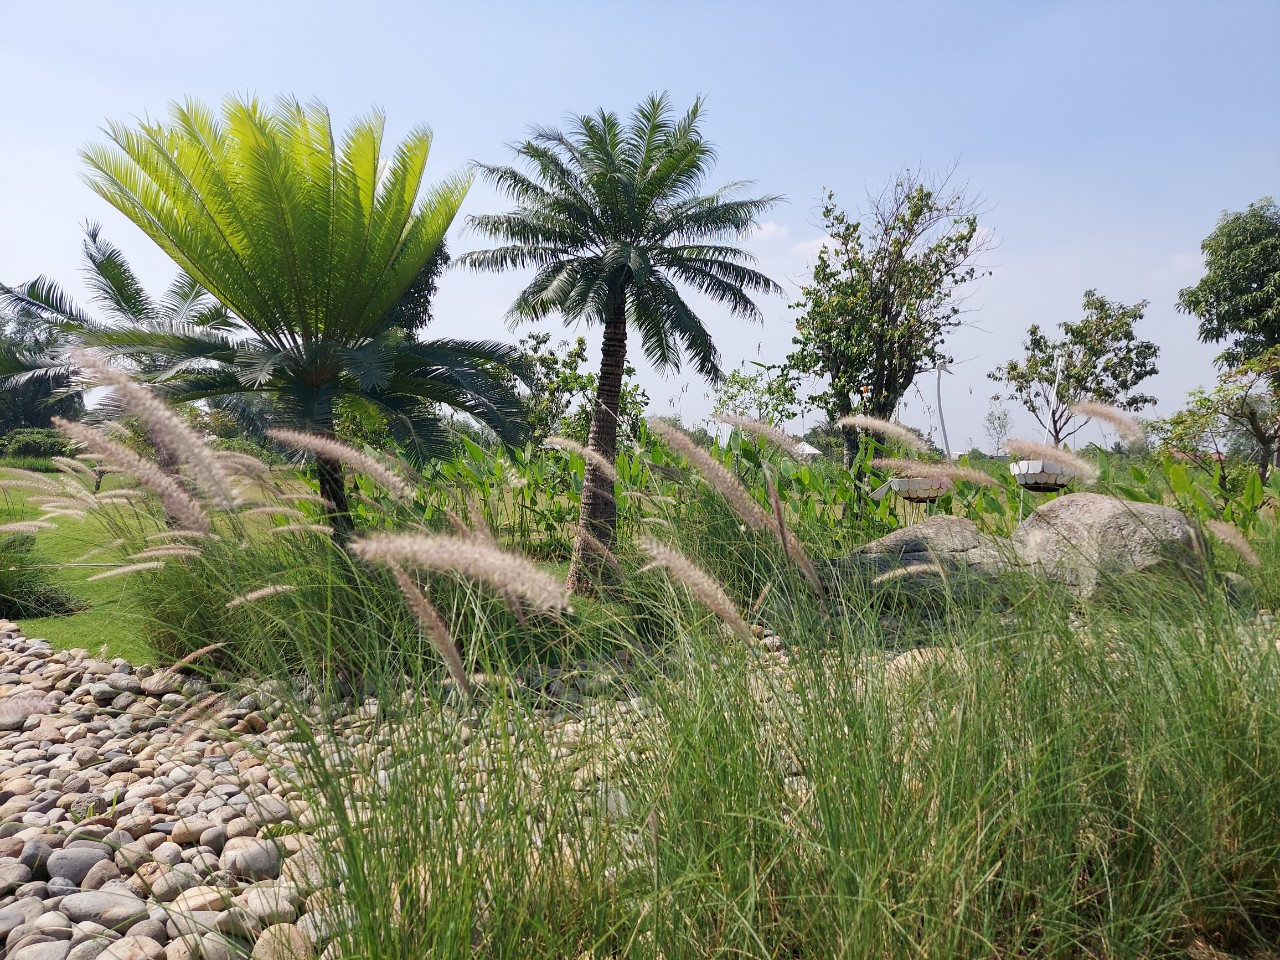 đất vườn ngoại ô sài gòn, review đất vườn long phước